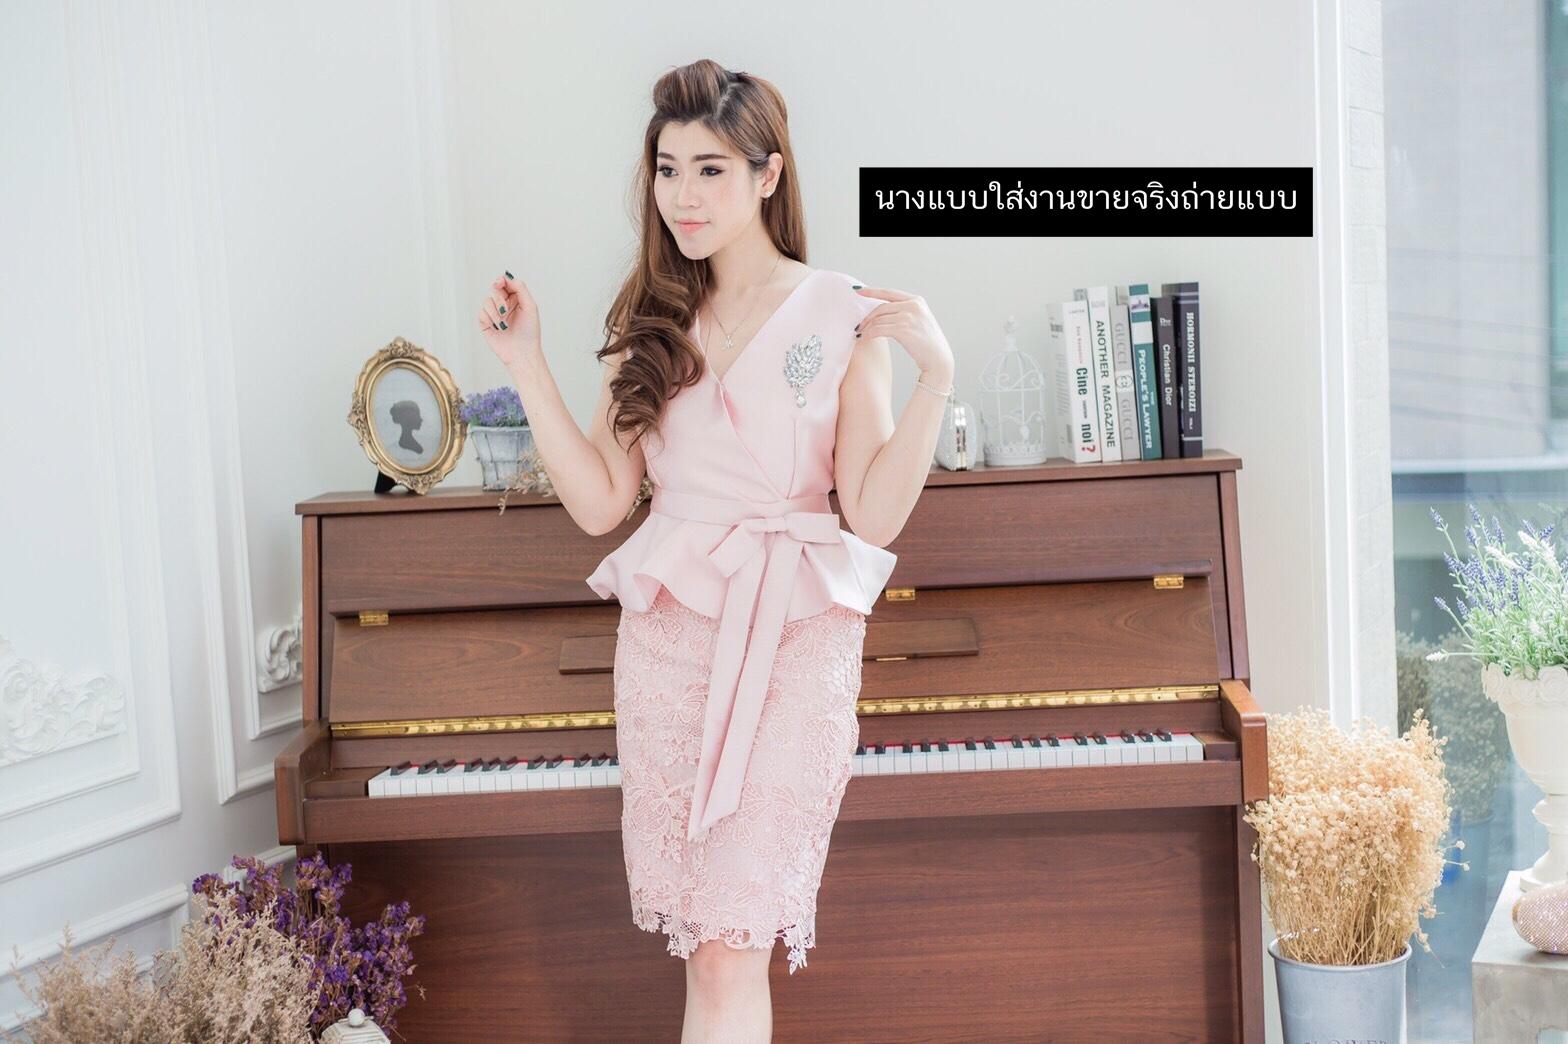 ชุดเดรสสวยหรูสีชมพู ออกงาน ไปงานแต่งงาน ผ้าไหมอิตาลี ทรงเข้ารูป คอวี แขนกุด ชุดสวยเหมือนแบบ ราคาถูก